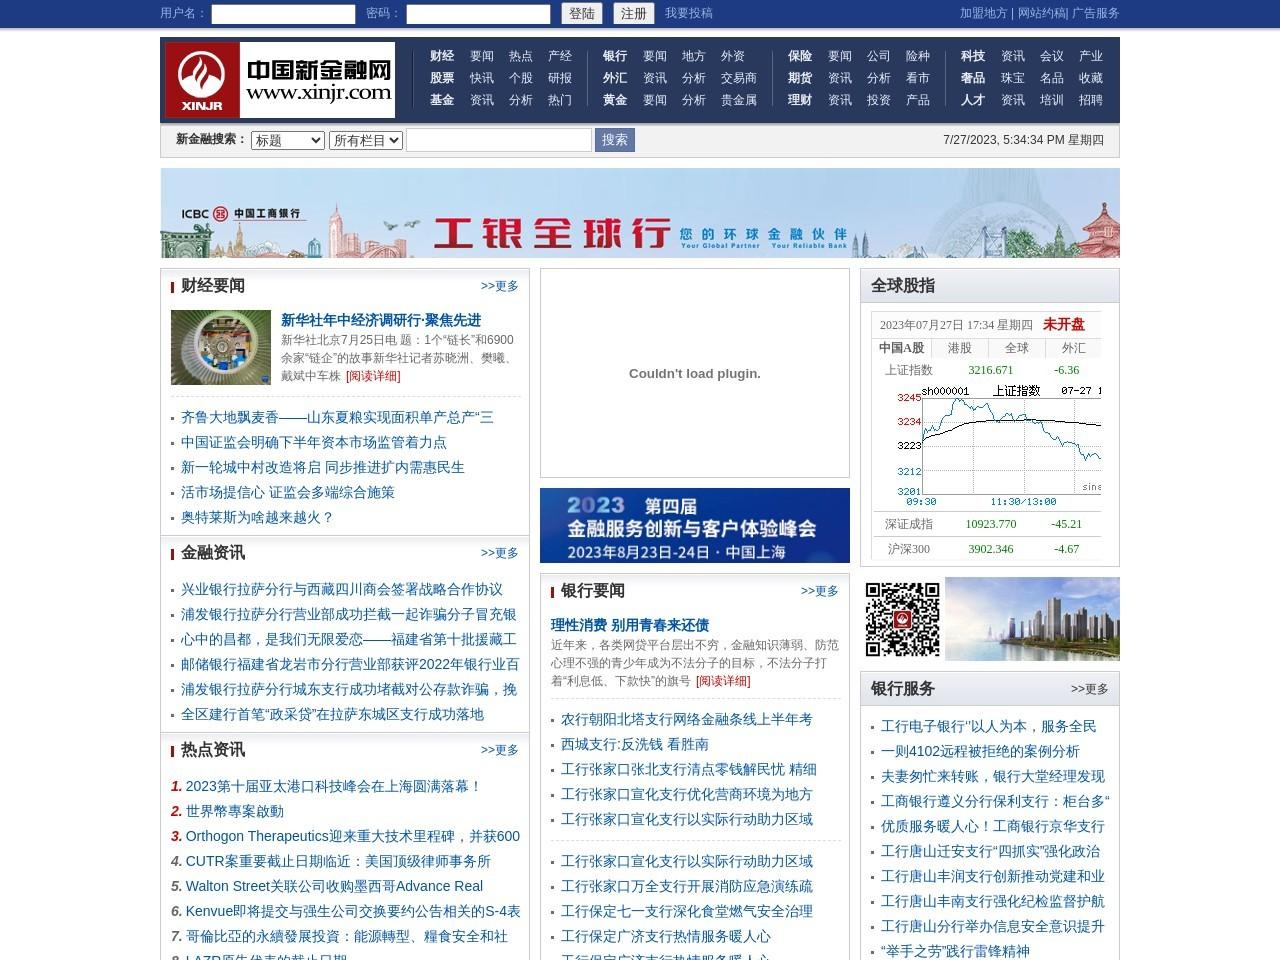 中国新金融网_新金融网_金融网